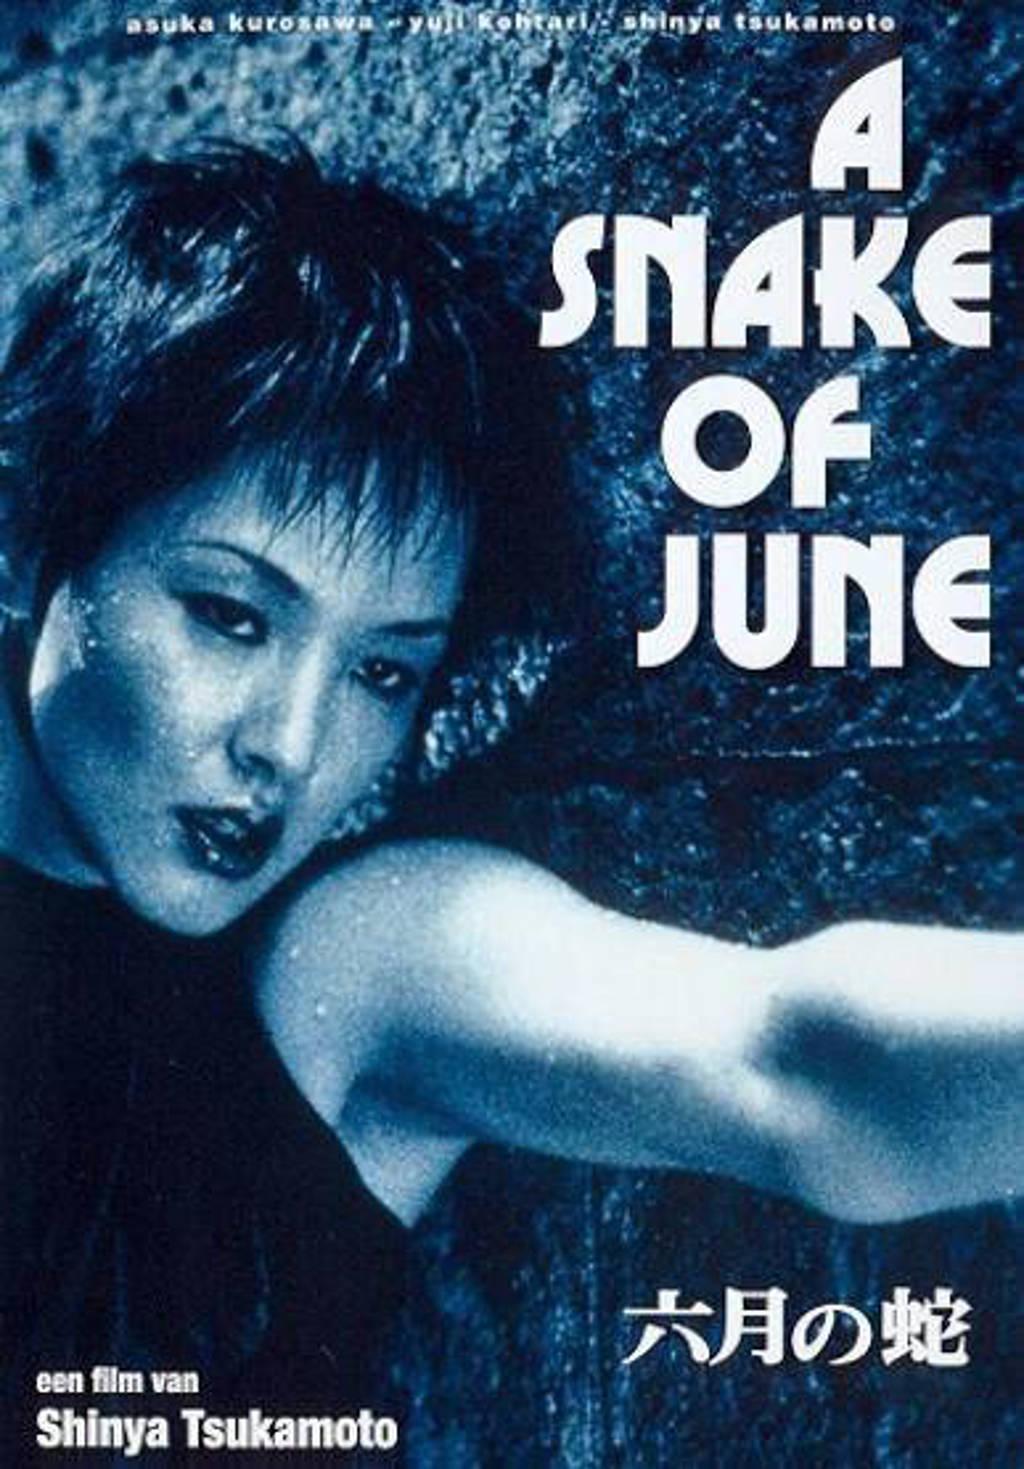 Snake of june (DVD)